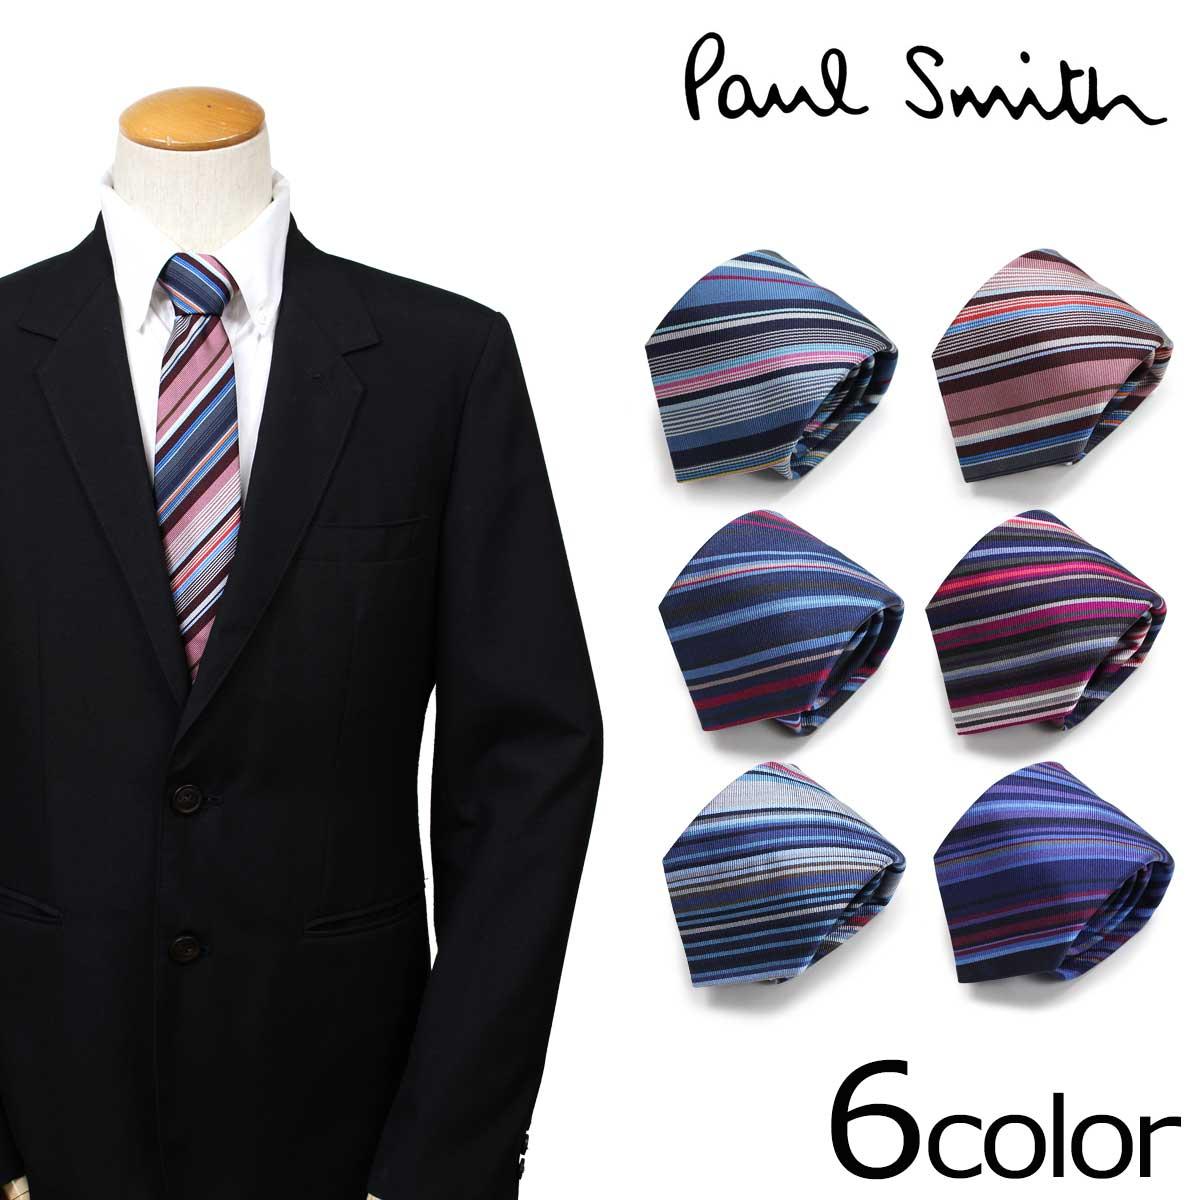 【最大2000円OFFクーポン】 ポールスミス Paul Smith ネクタイ シルク メンズ イタリア製 ビジネス 結婚式 ギフト